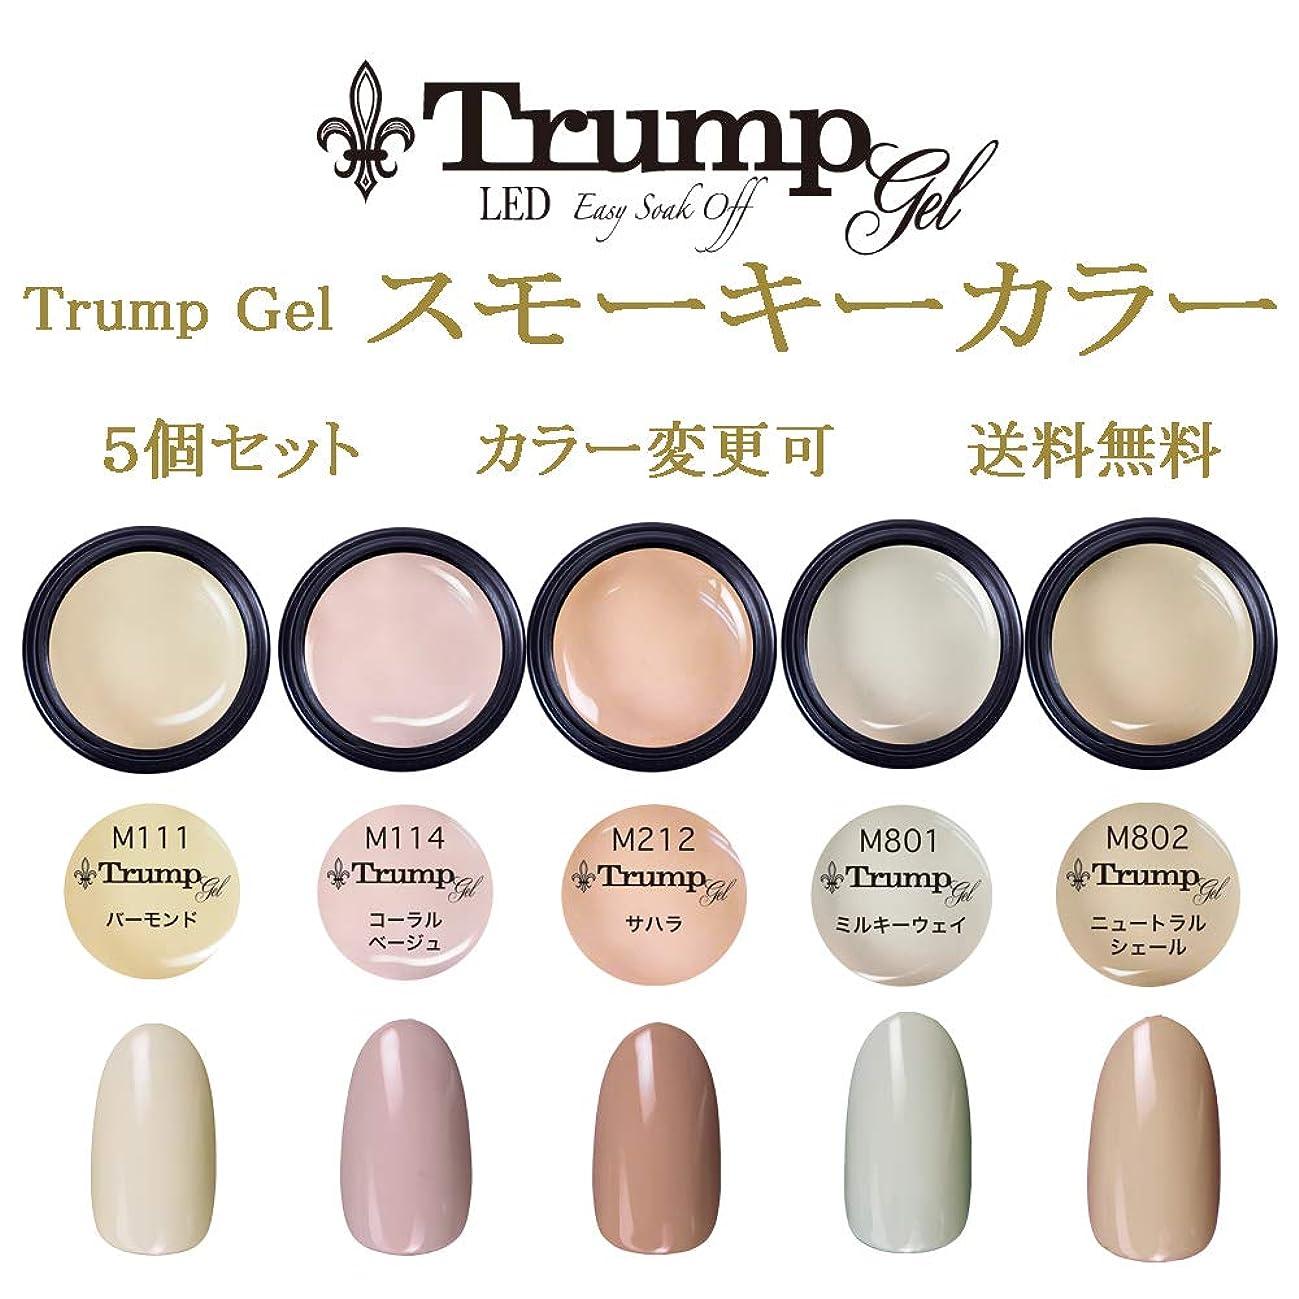 計画宣教師シェル日本製 Trump gel トランプジェル スモーキーカラー 選べる カラージェル 5個セット スモーク ベージュ グレー ブラウン ピンク